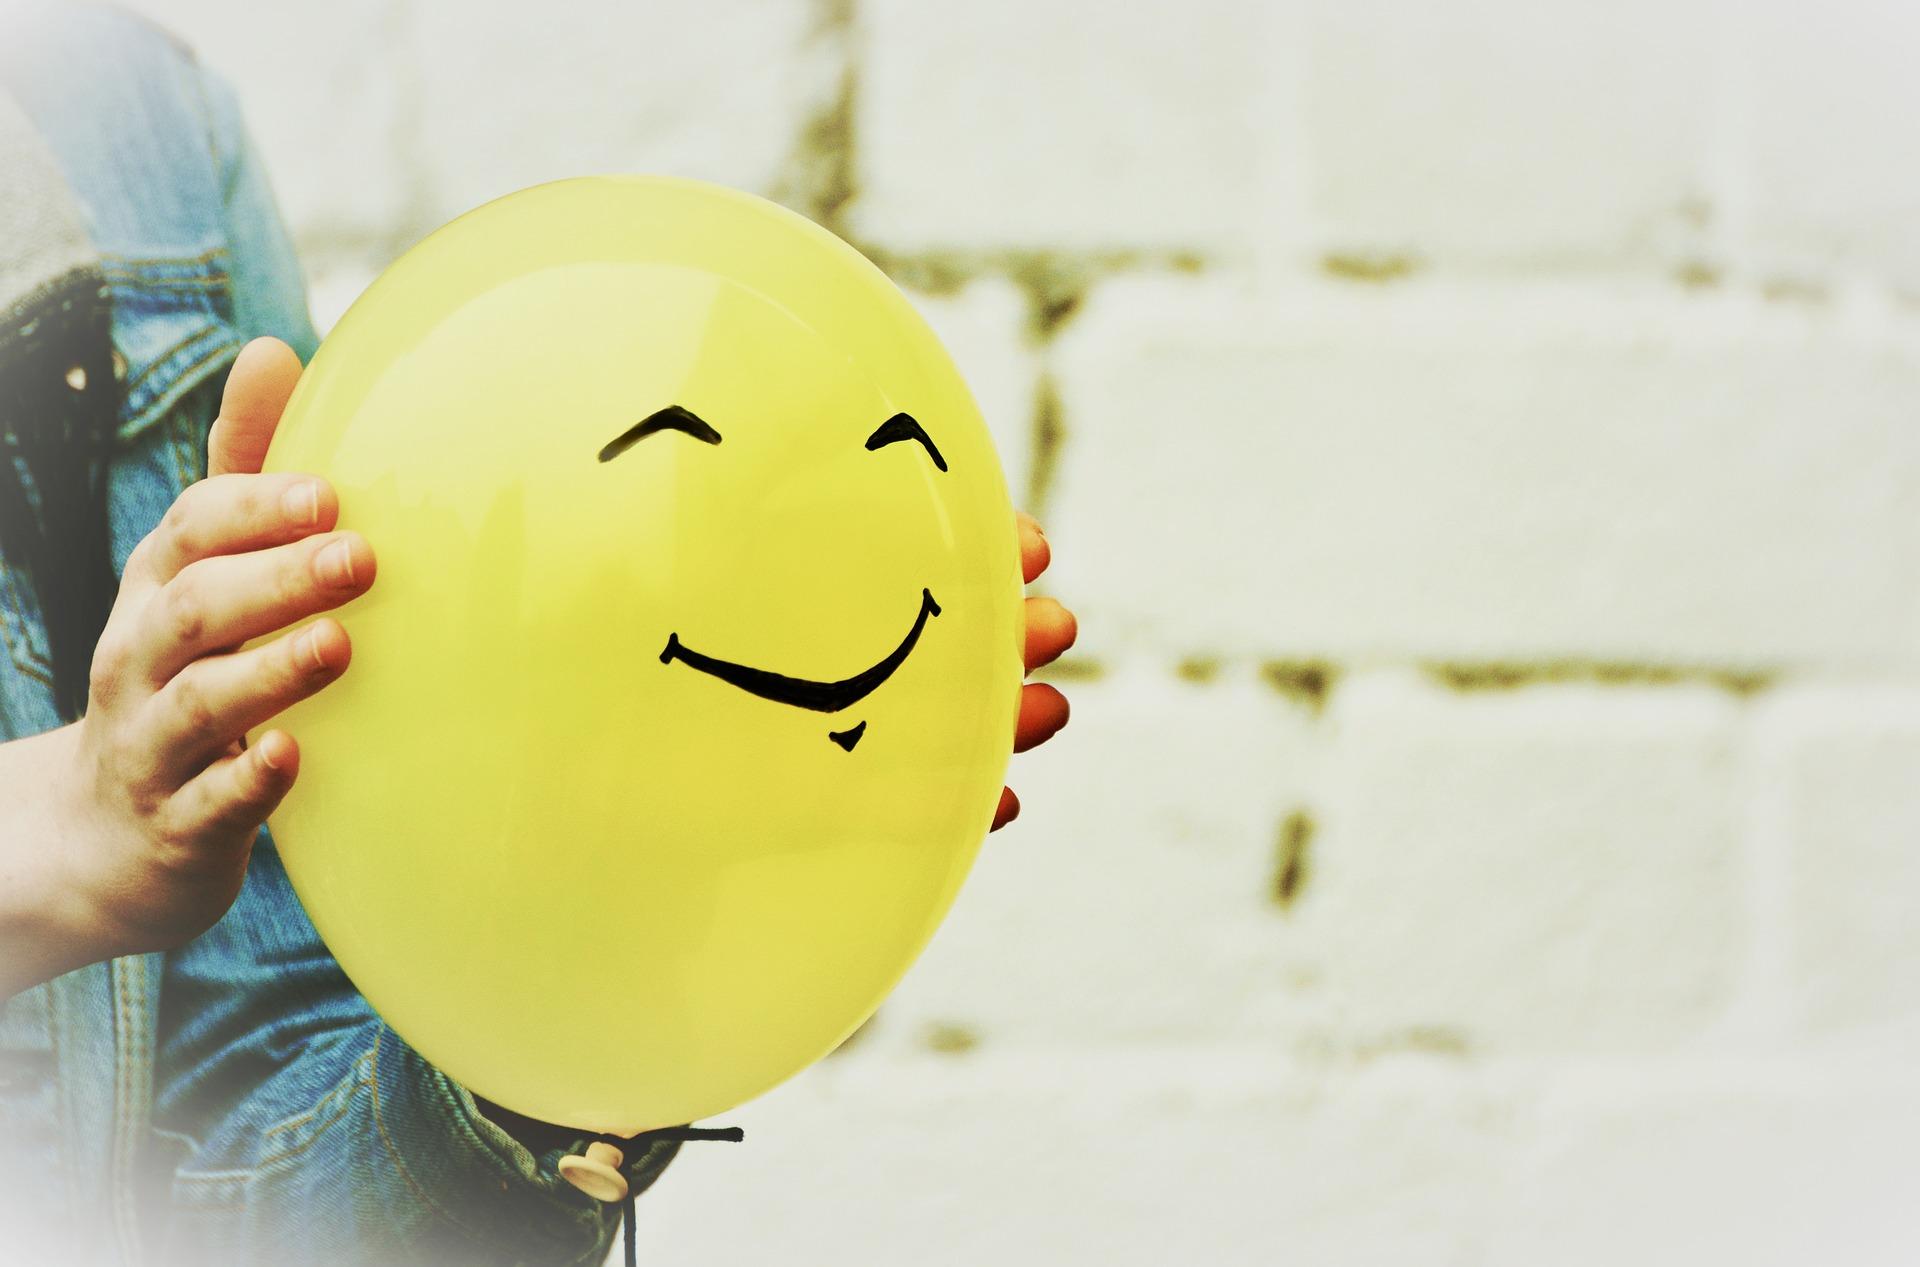 A yellow balloon with a smiley face